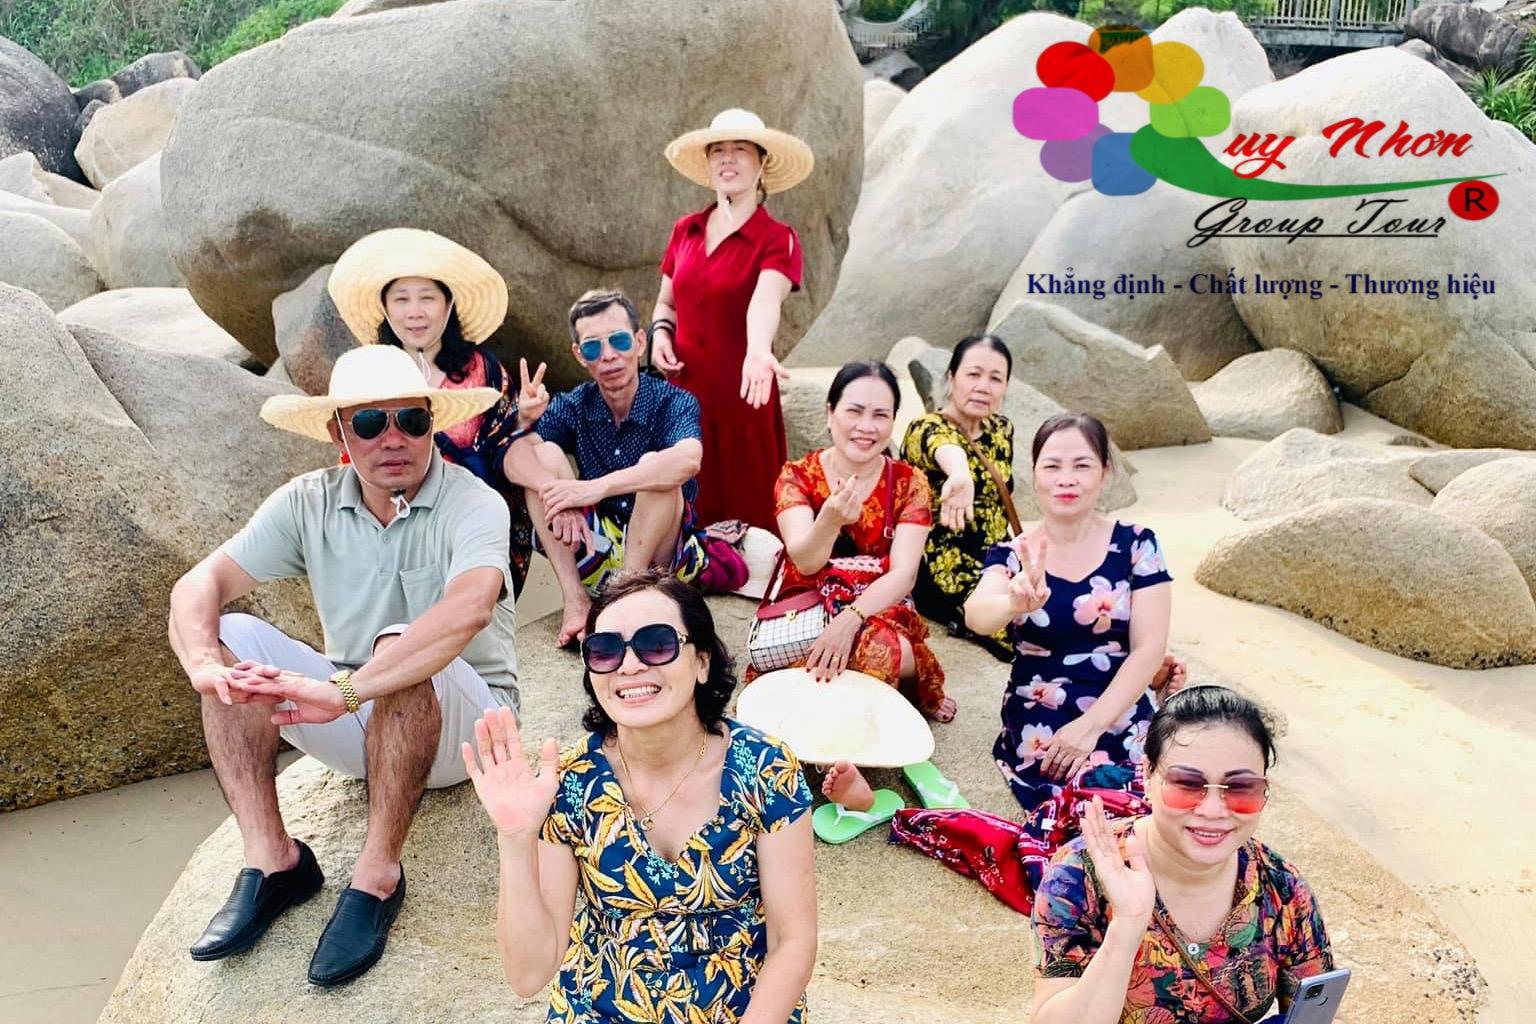 Tour Hòn Chùa 1 ngày: Lặn ngắm san hô nơi hoang đảo Phú  Yên